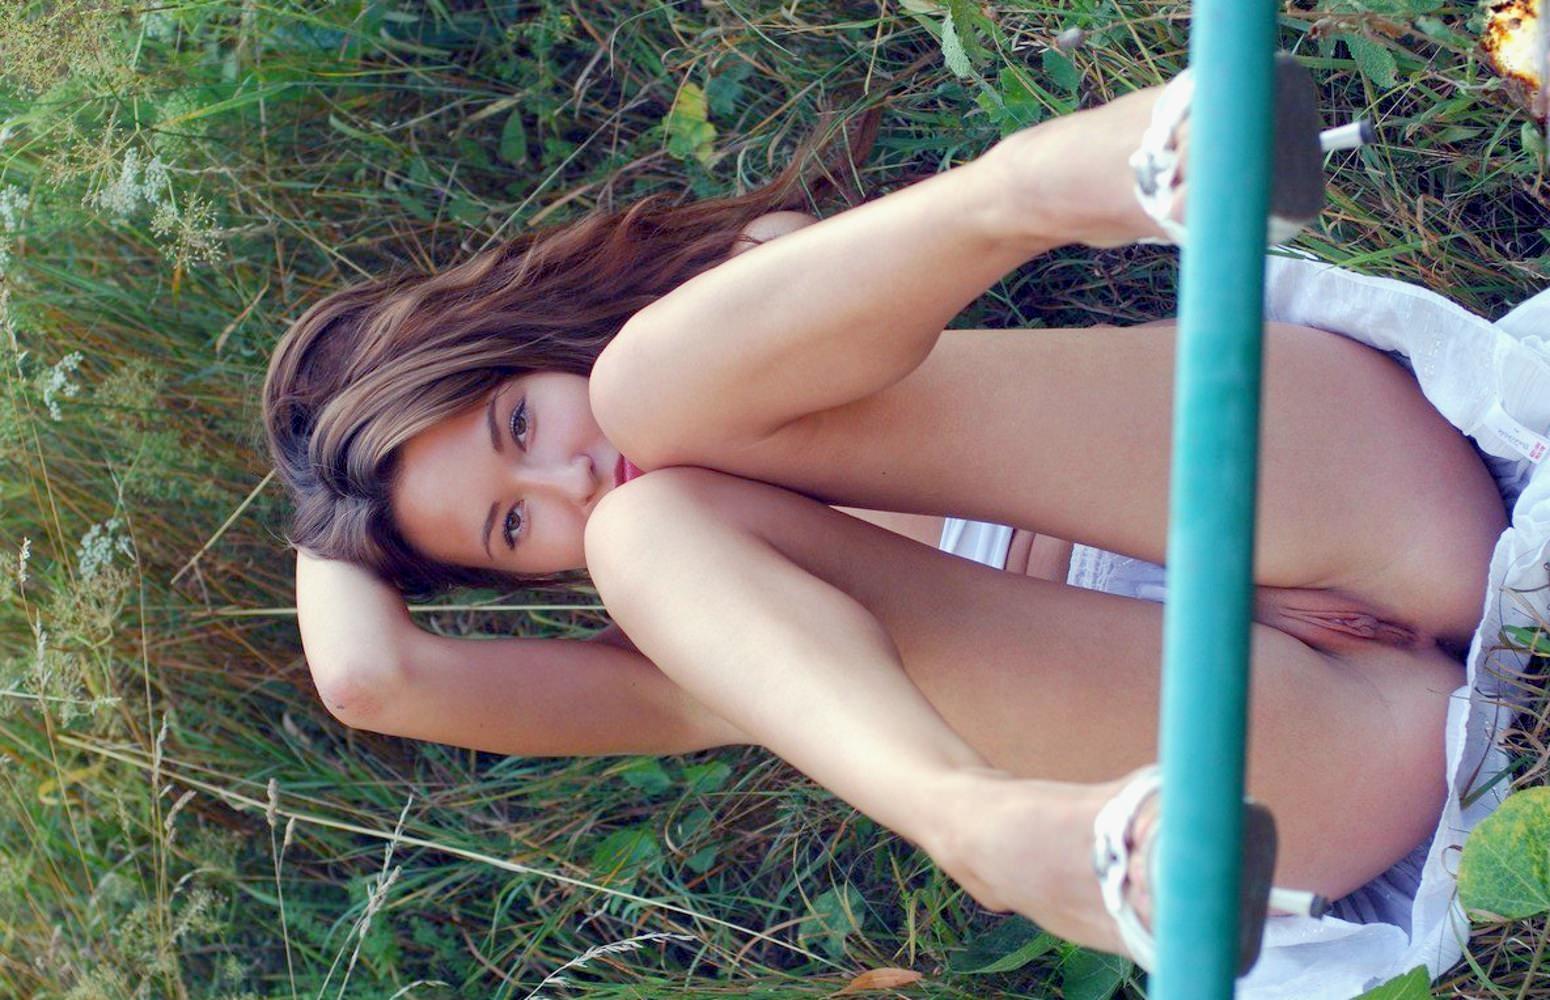 Фото Раскрепощенная девушка без трусиков под белой юбкой легла на зеленую траву, ножки на перилах, красивая голая киска между ног, девушка показала, что у нее под юбочкой. Beauty, no panties, sexy girl on the green grass, white skirt, genttle legs, sweet pussy, labia, скачать картинку бесплатно